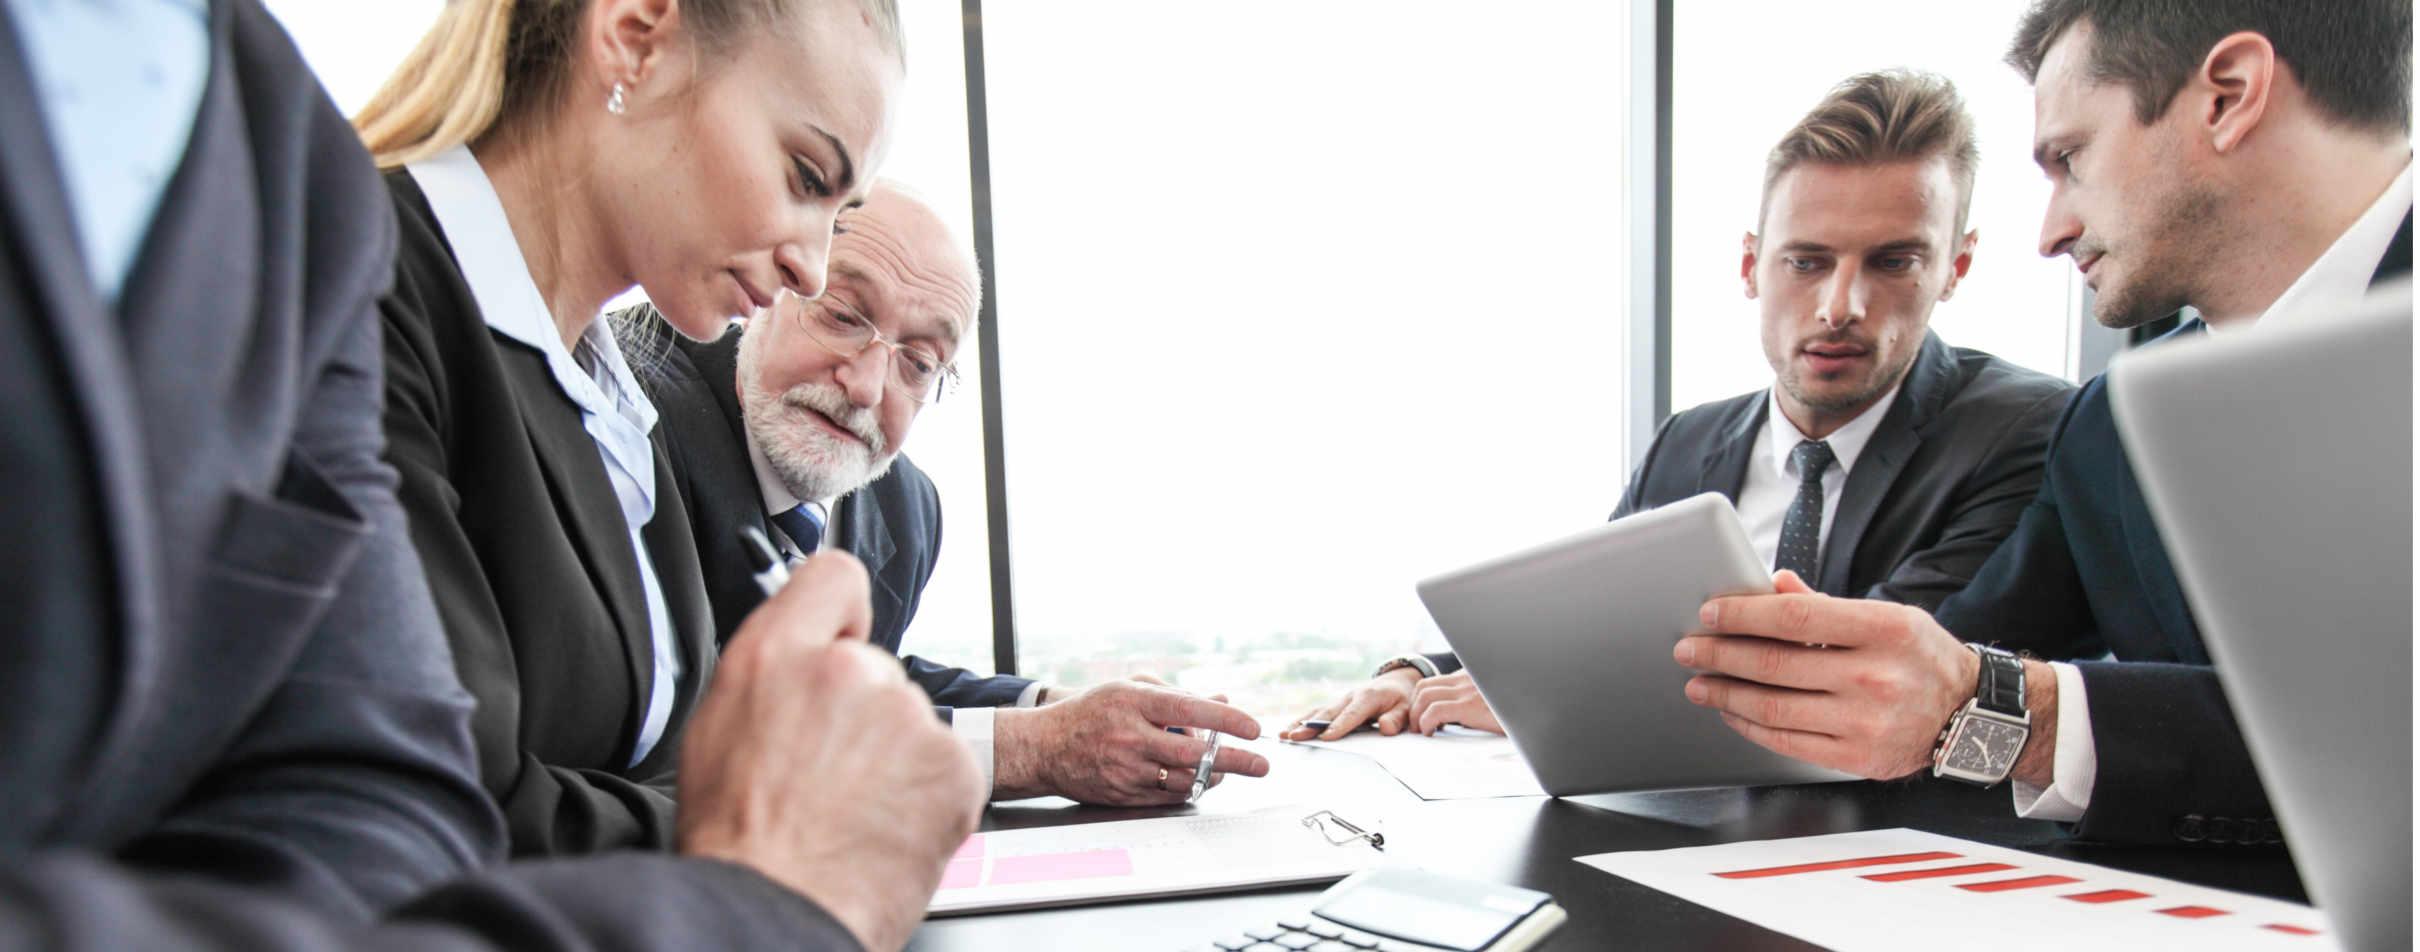 Reunião entre executivos sobre criptomoedas